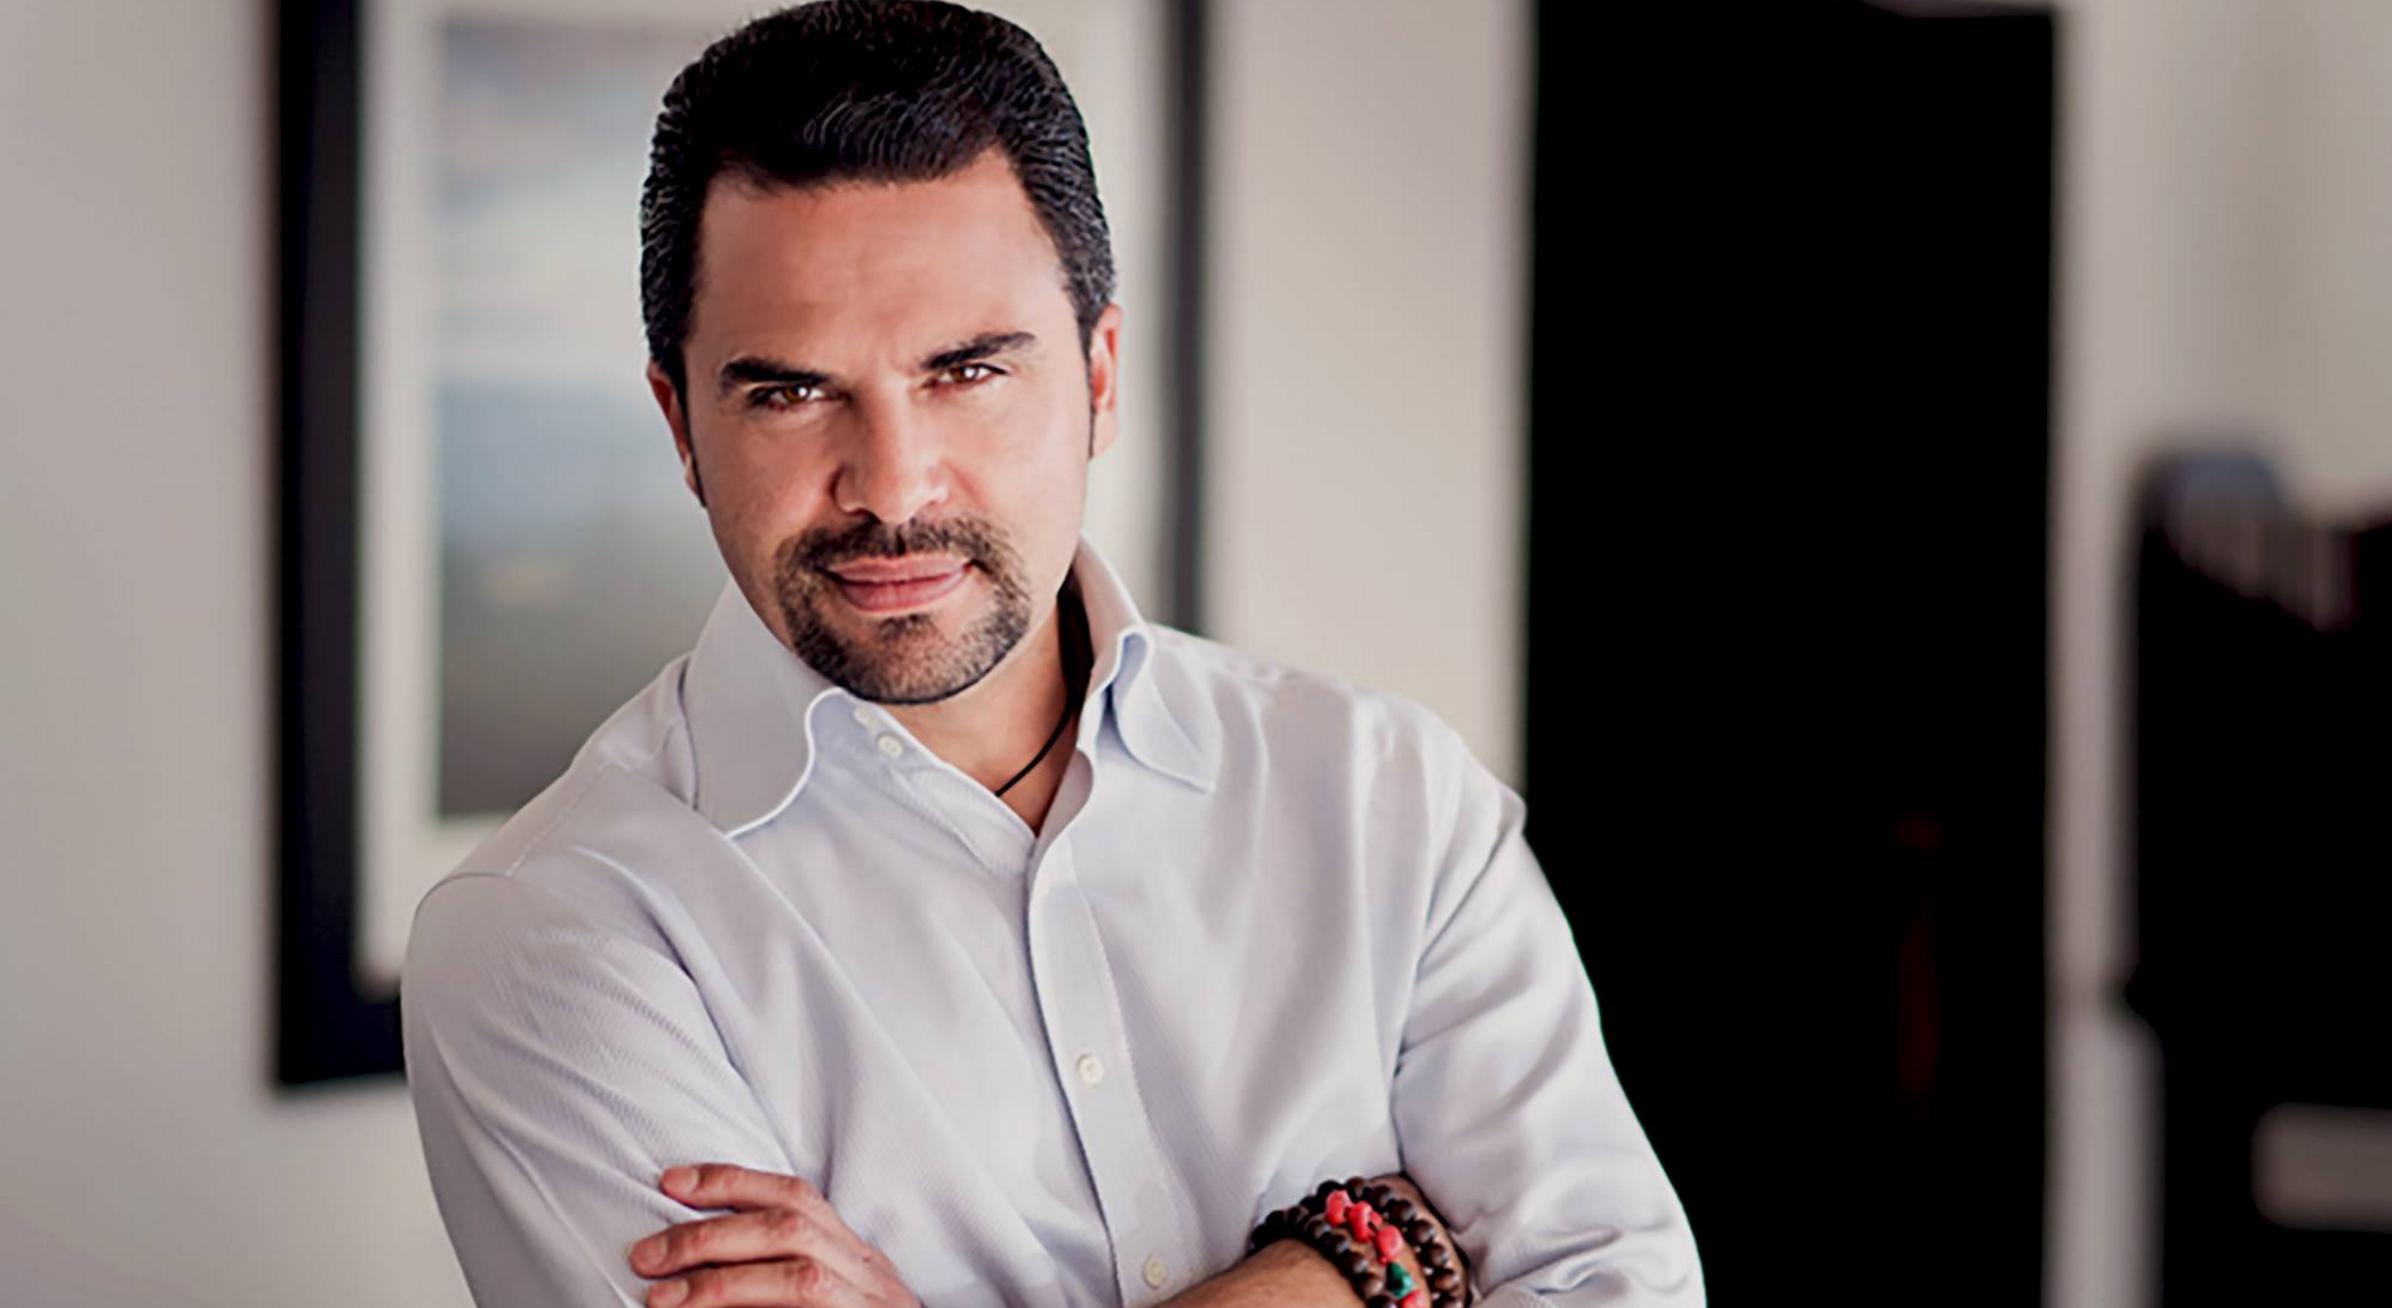 Confabulaciones Presenta Una Entrevista Especial Al Actor De Cine Manny Perez